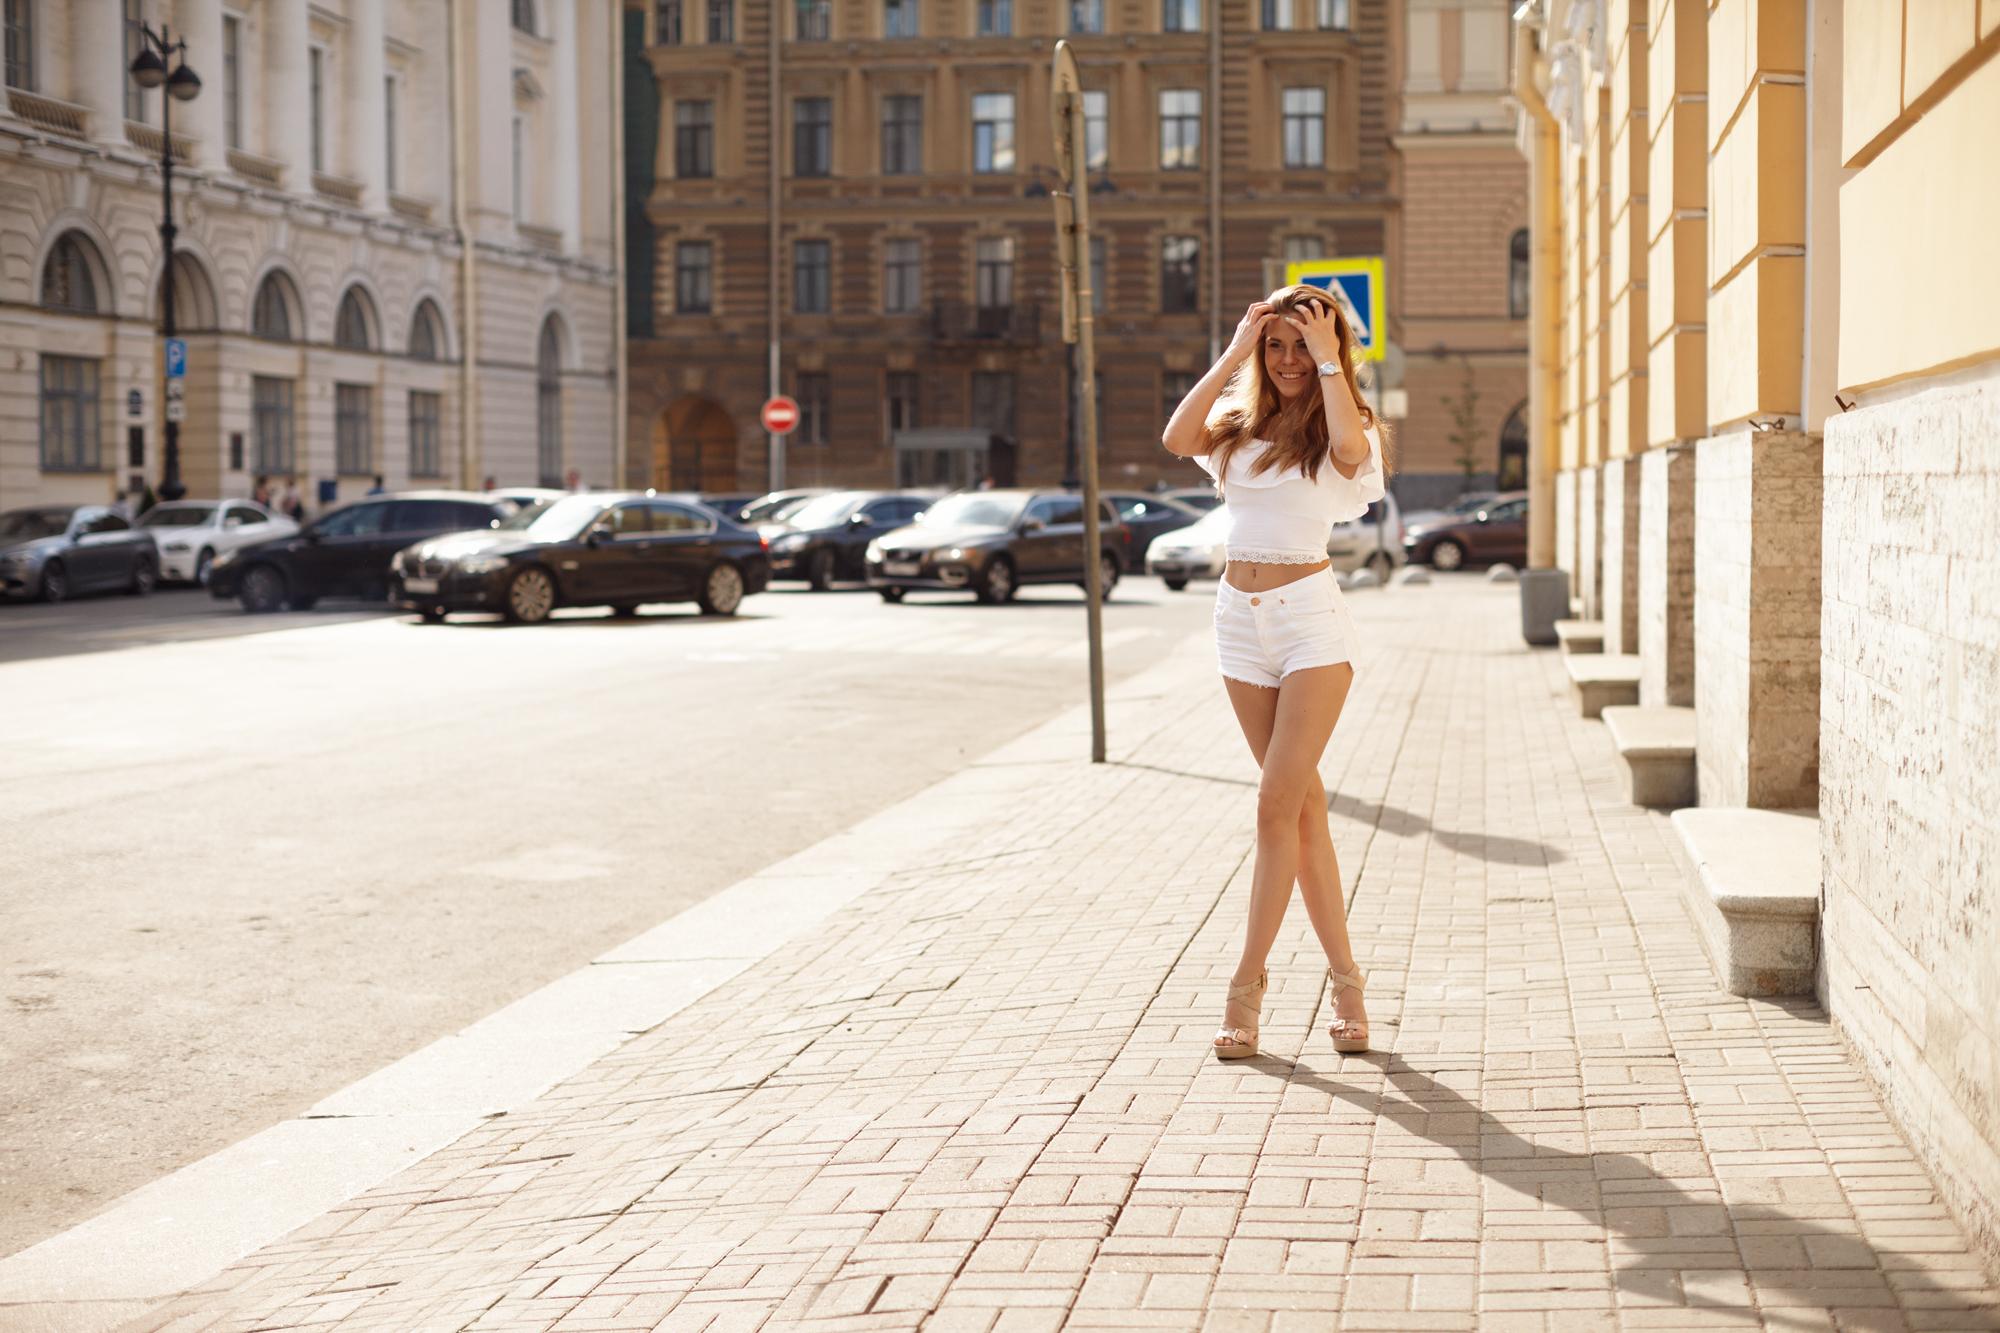 Видео девушка позирует на улице онлайн большими